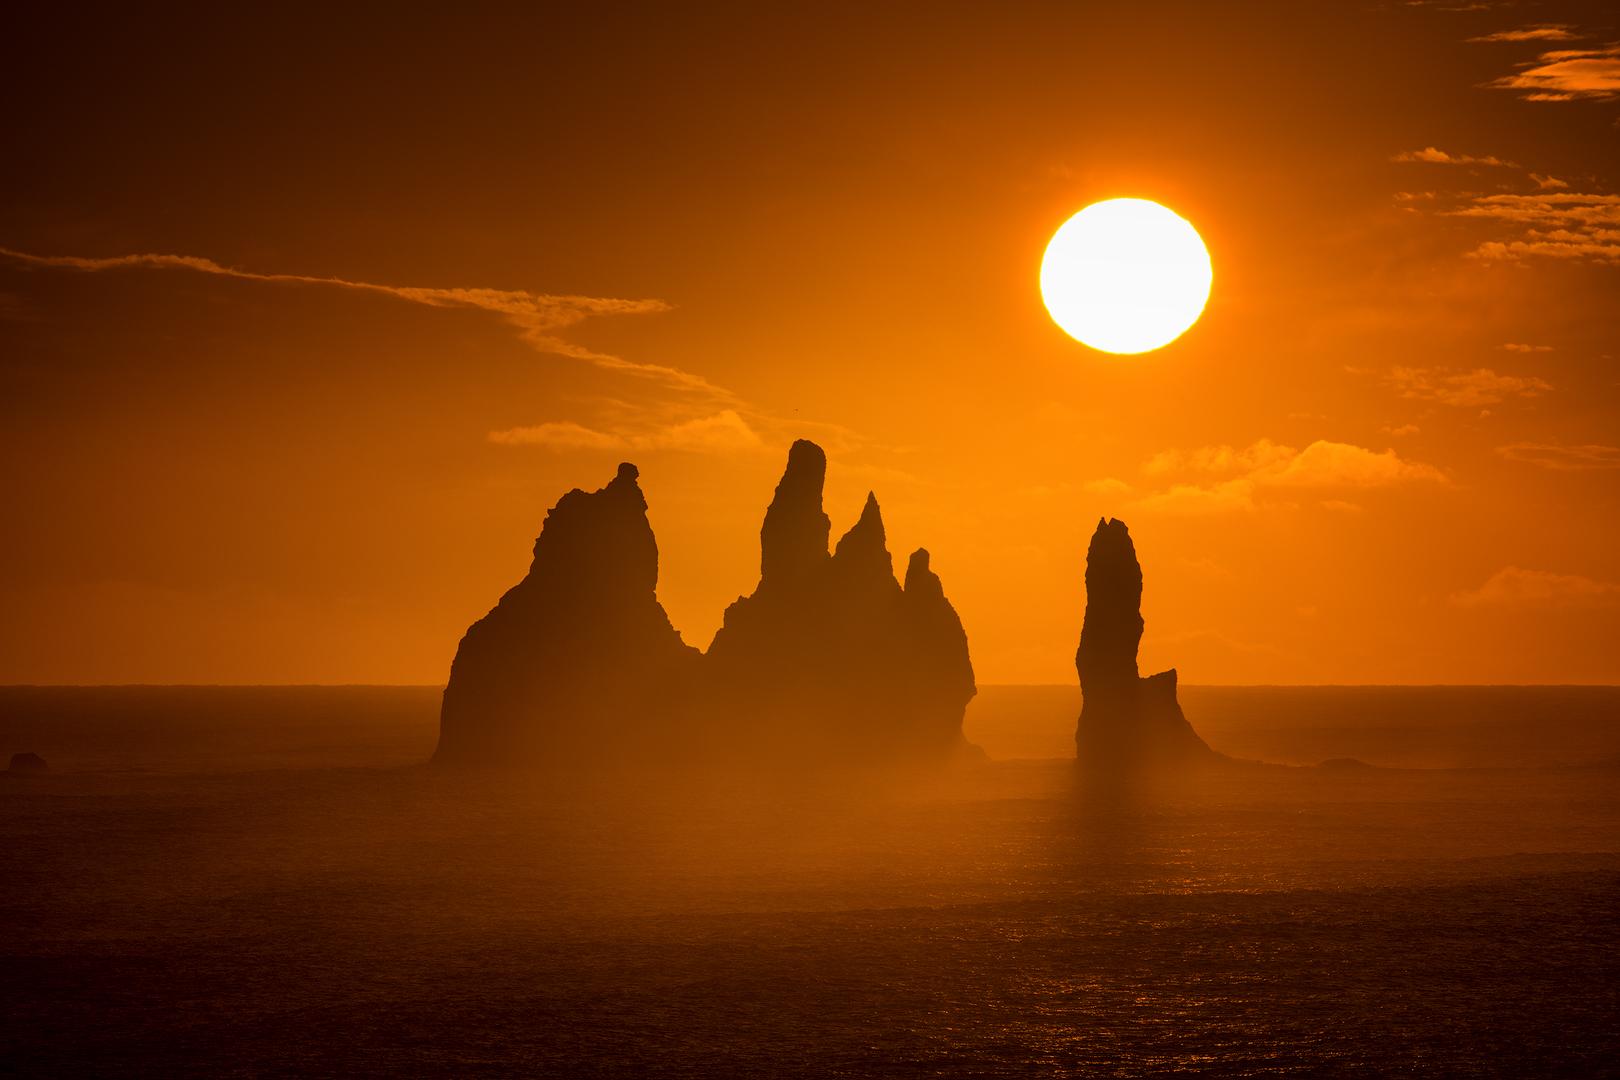 午夜阳光照射在雷诺斯法拉黑沙滩岸边的海柱上。